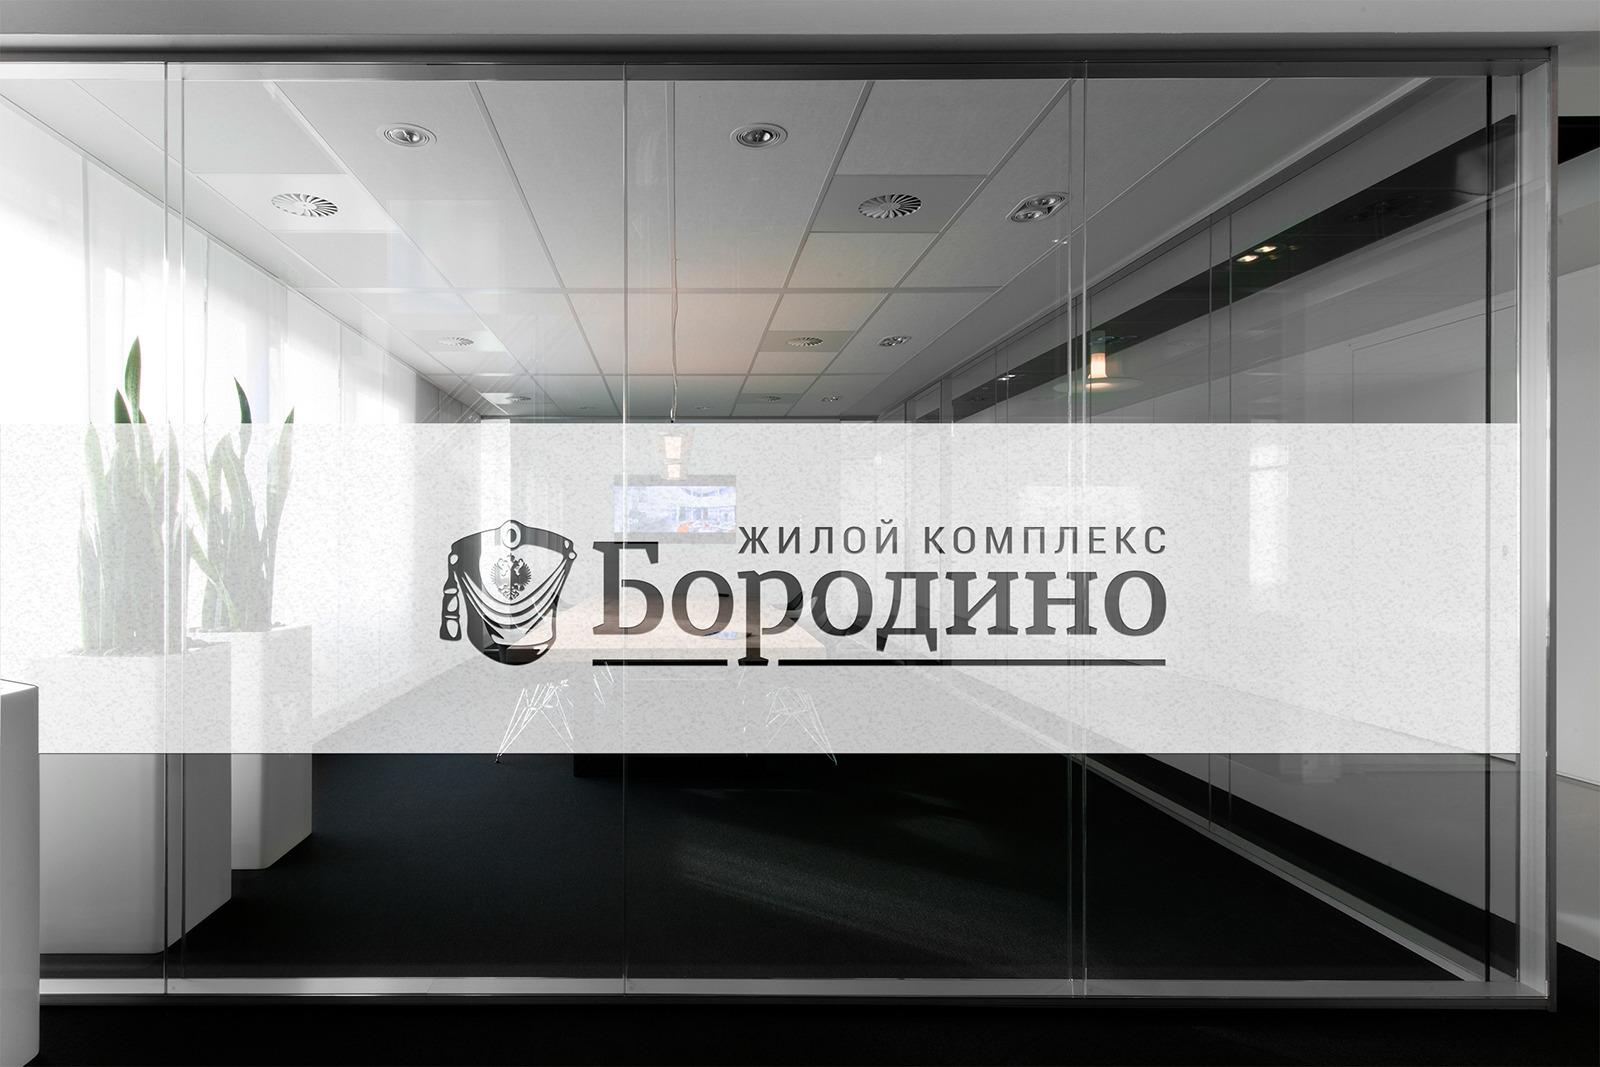 Студия Ракета завершила редизайн логотипа ЖК Бородино | Студия Ракета